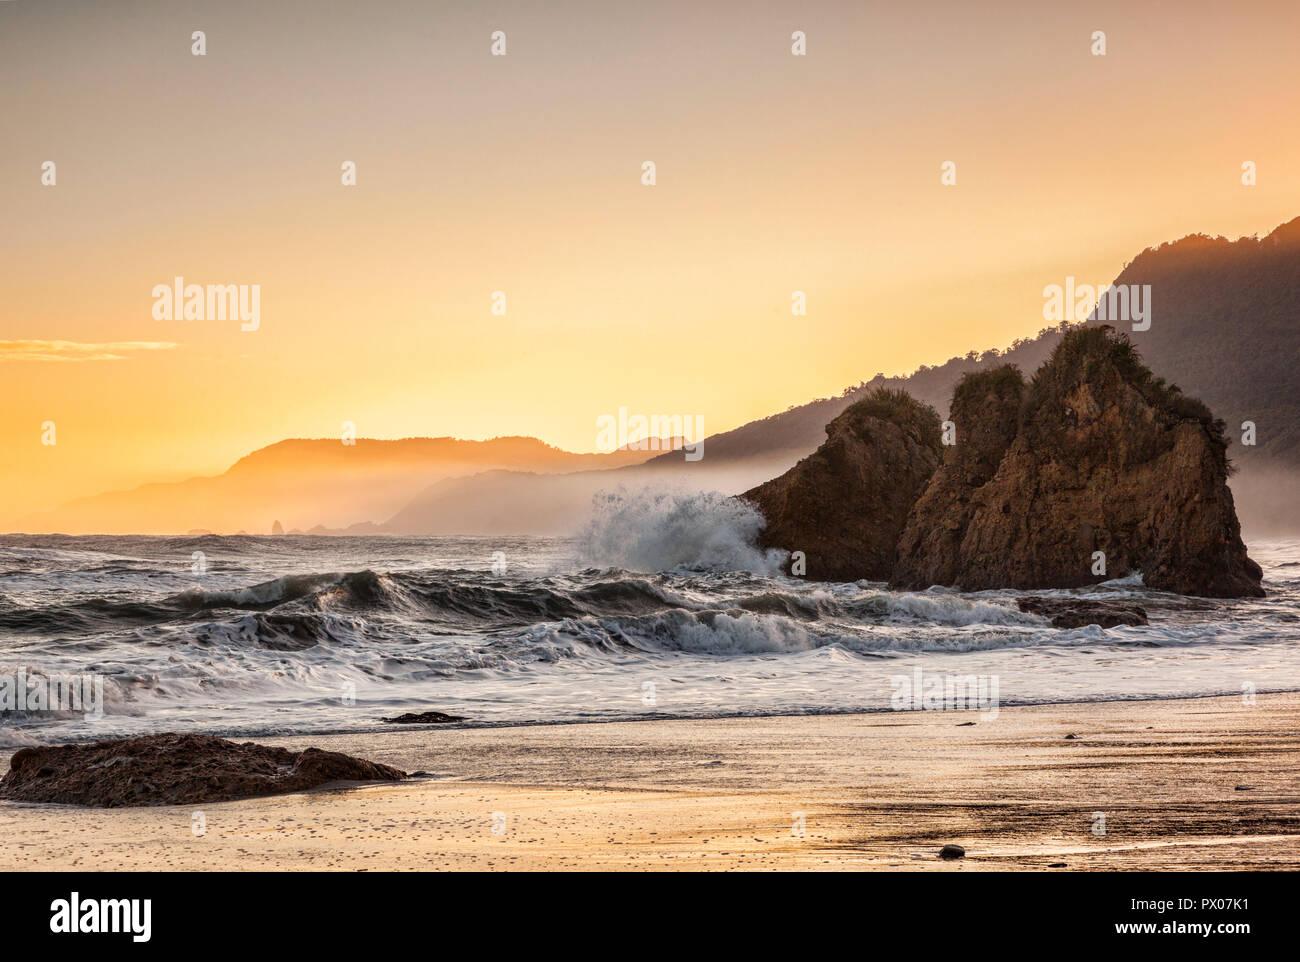 A wild morning at Woodpecker Bay, Paparoa National Park, West Coast, New Zealand - Stock Image